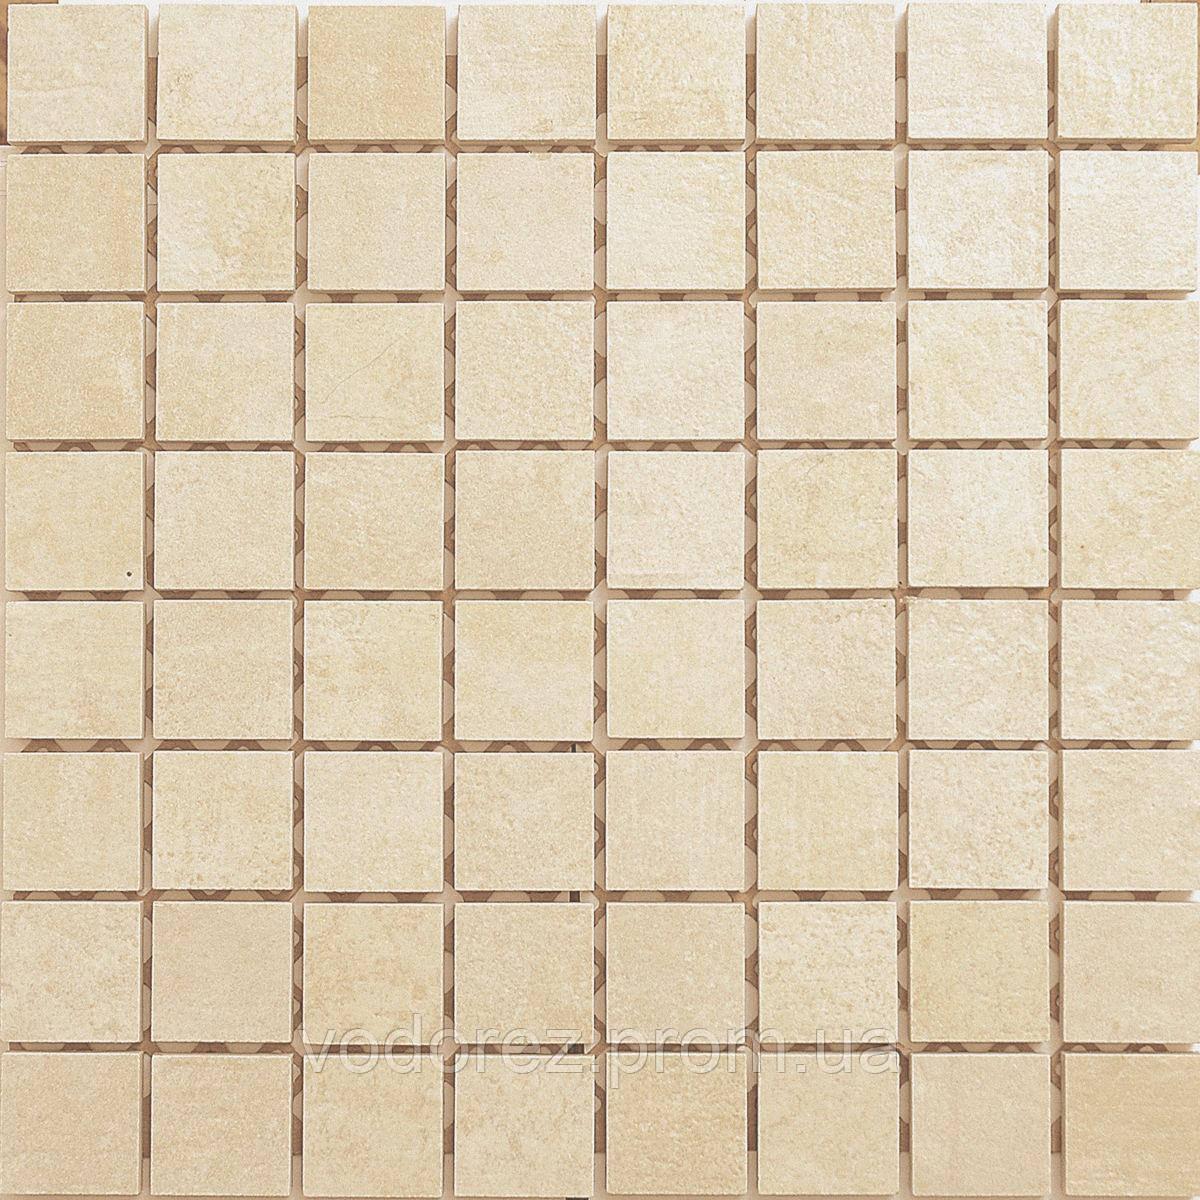 COTTO CLASSICO MQAX21 Mosaico Beige 32.5x32.5х8.5